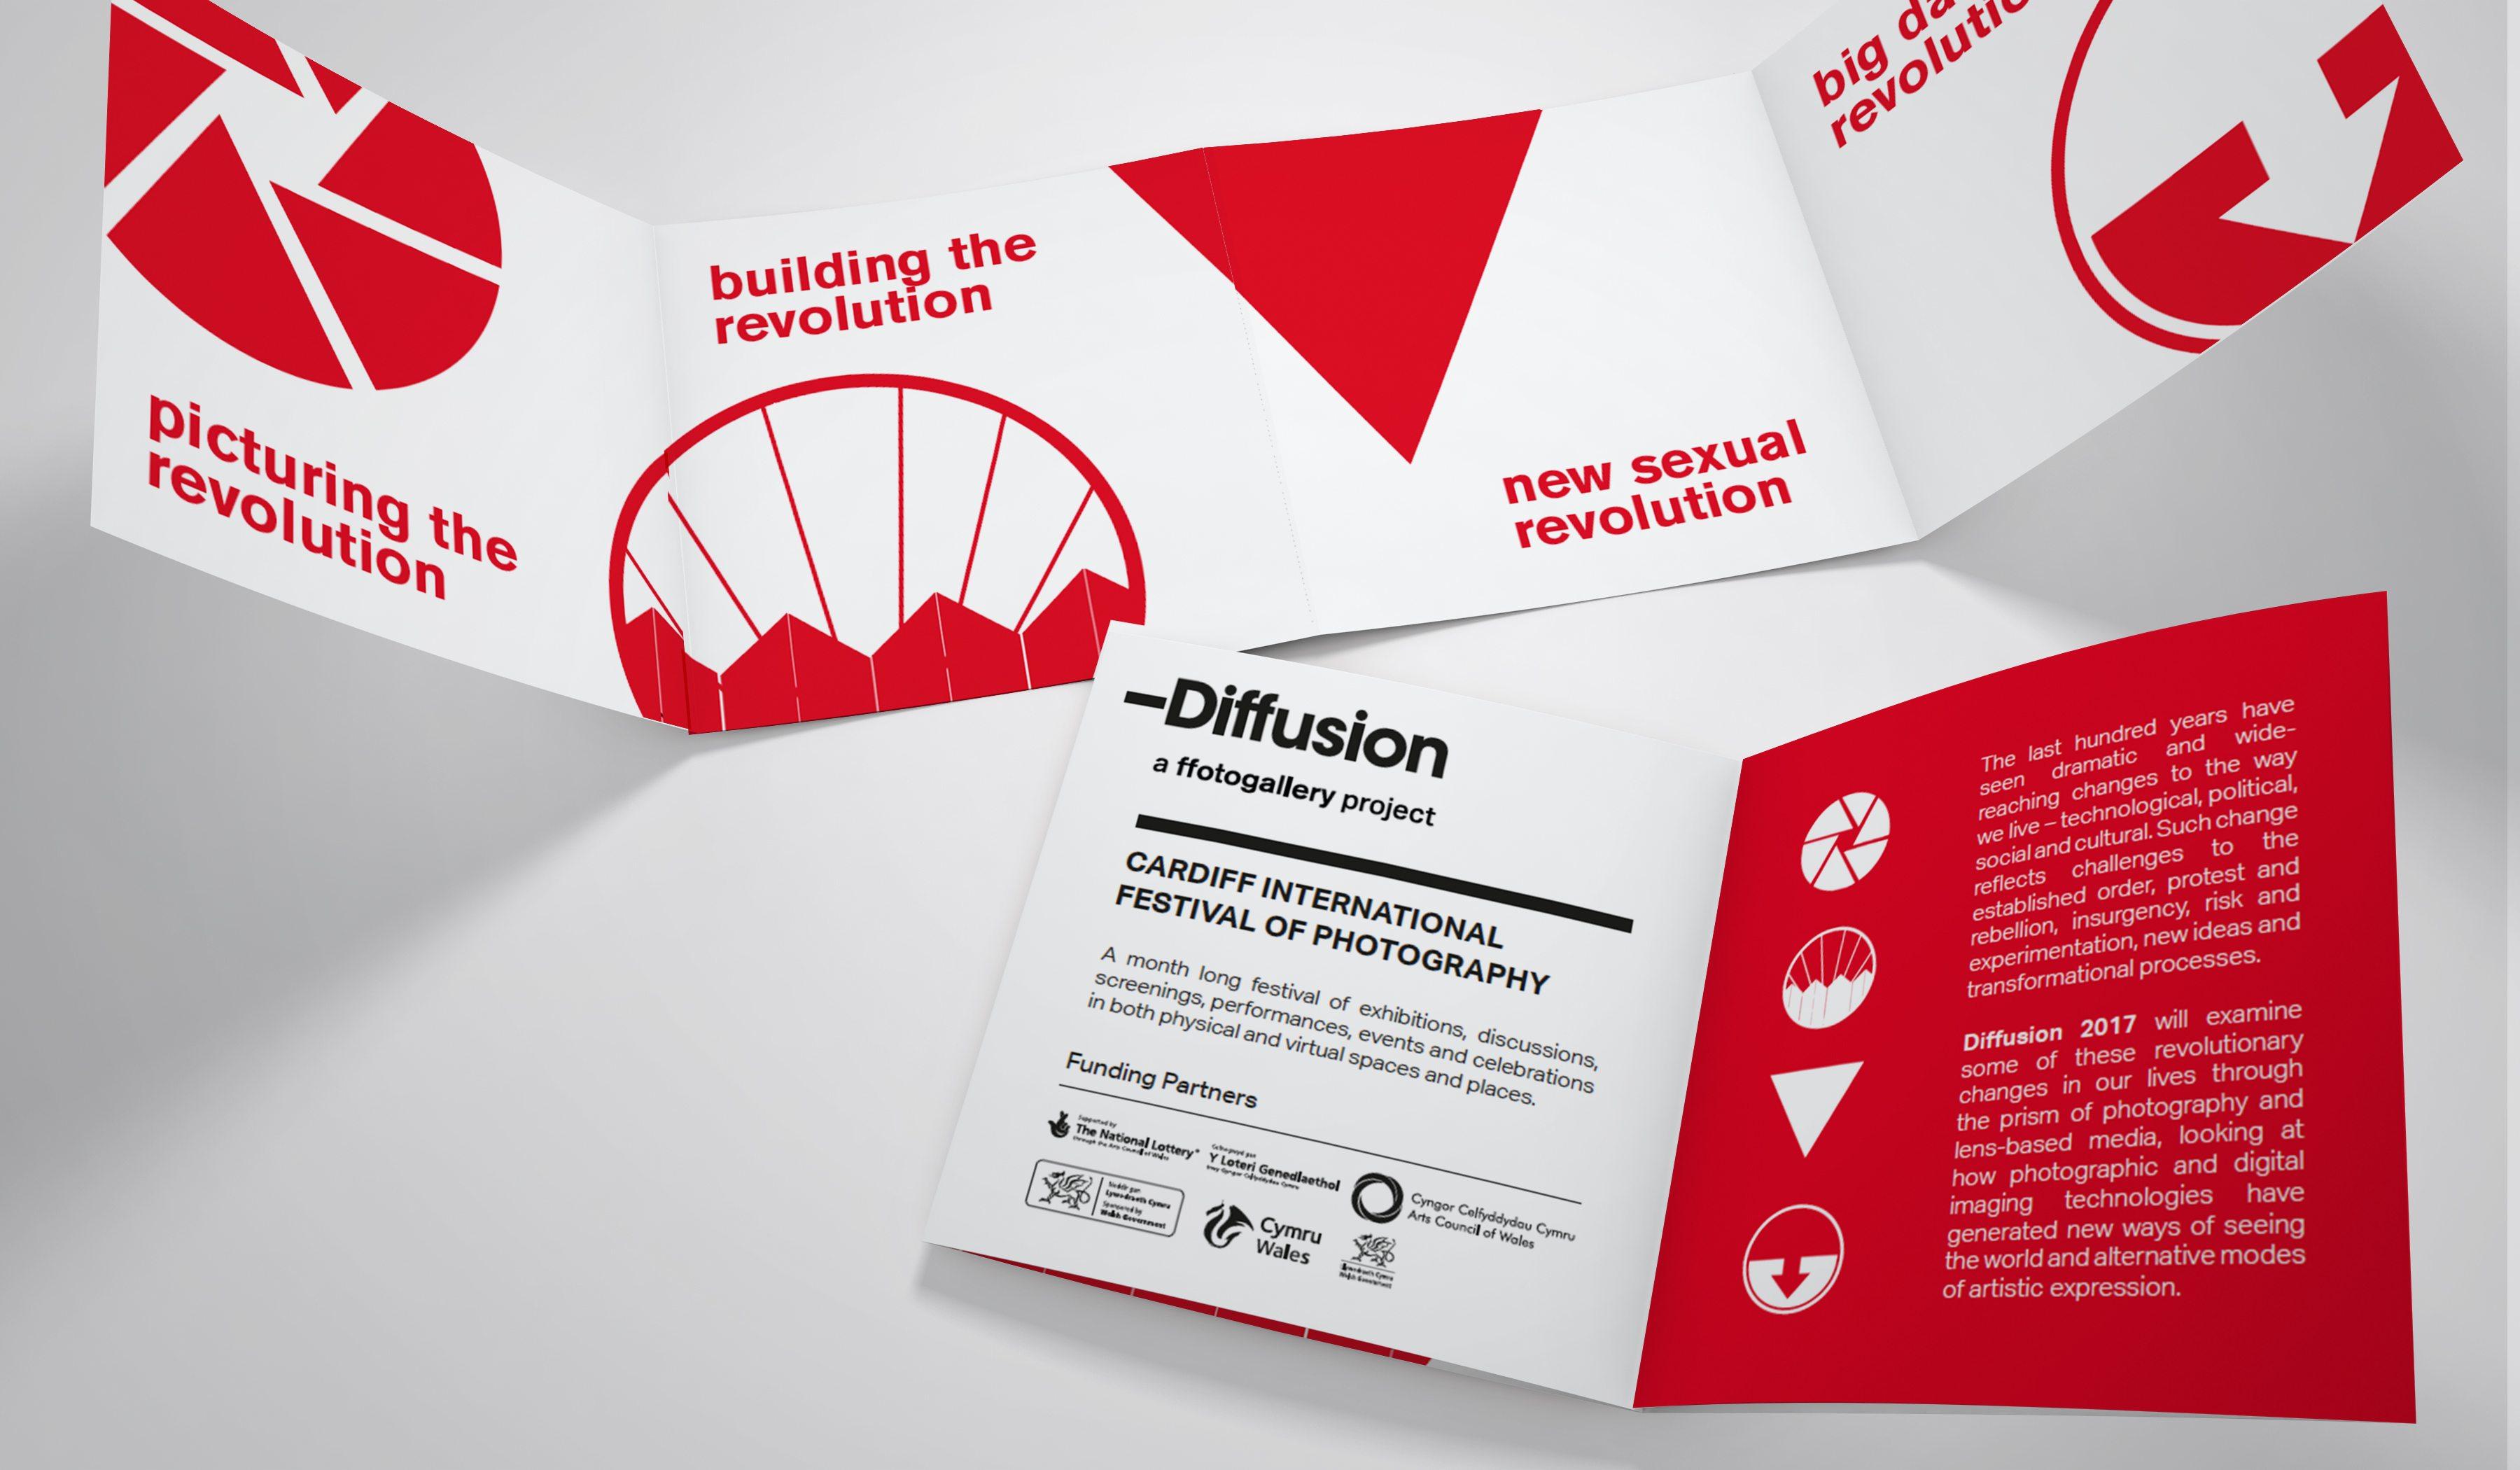 revolution_diffusion